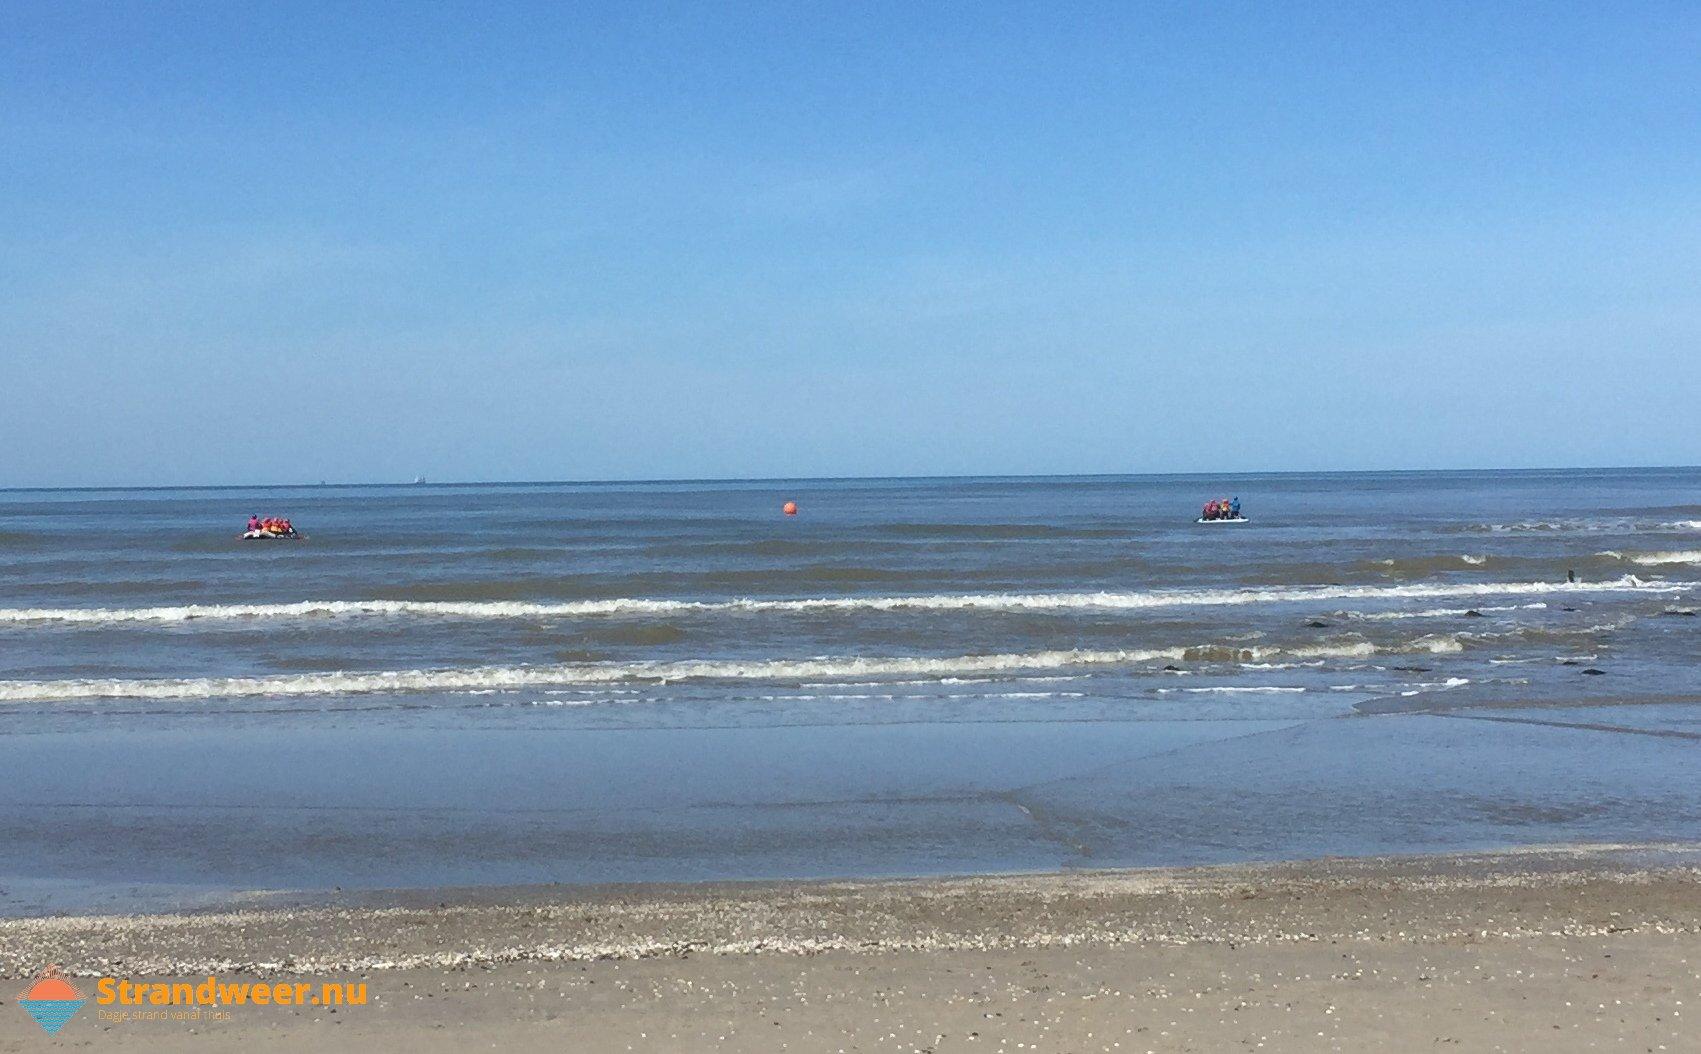 Het strandweer voor zondag 15 september